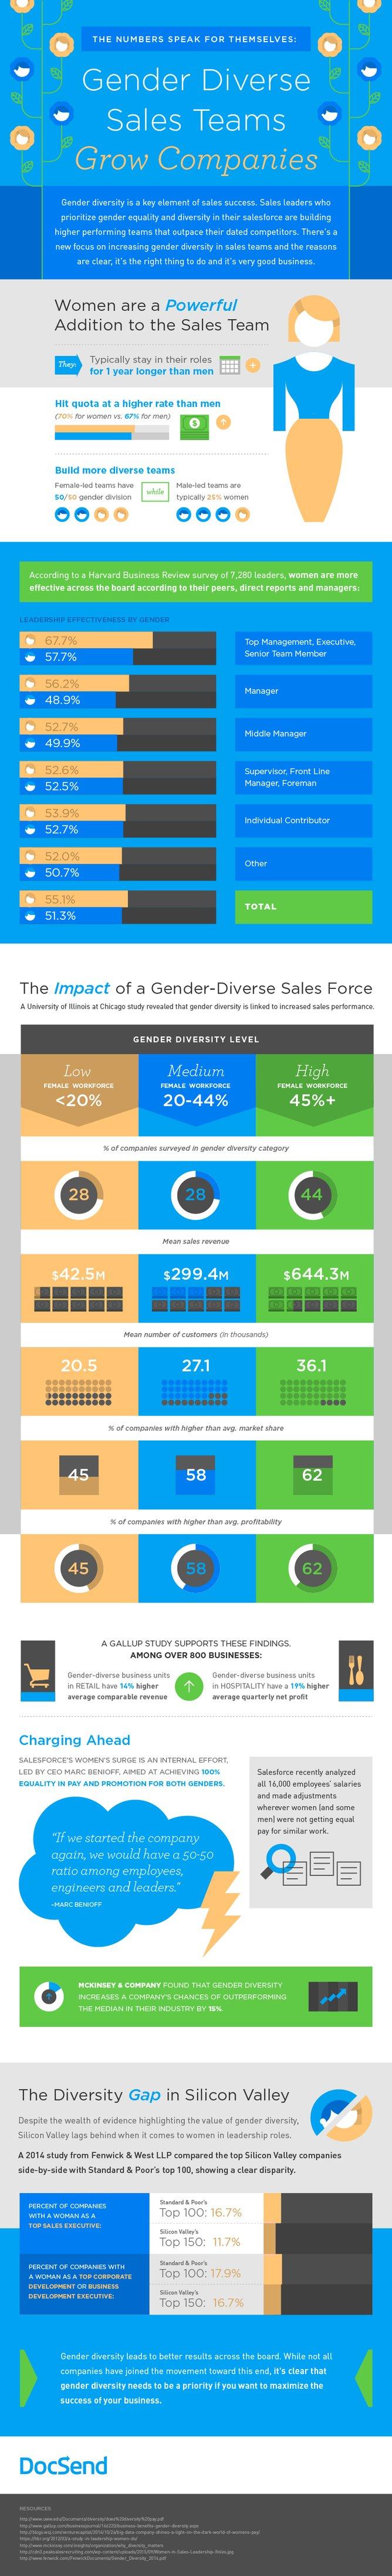 DocSend_Gender_Diversity_Infographic.png